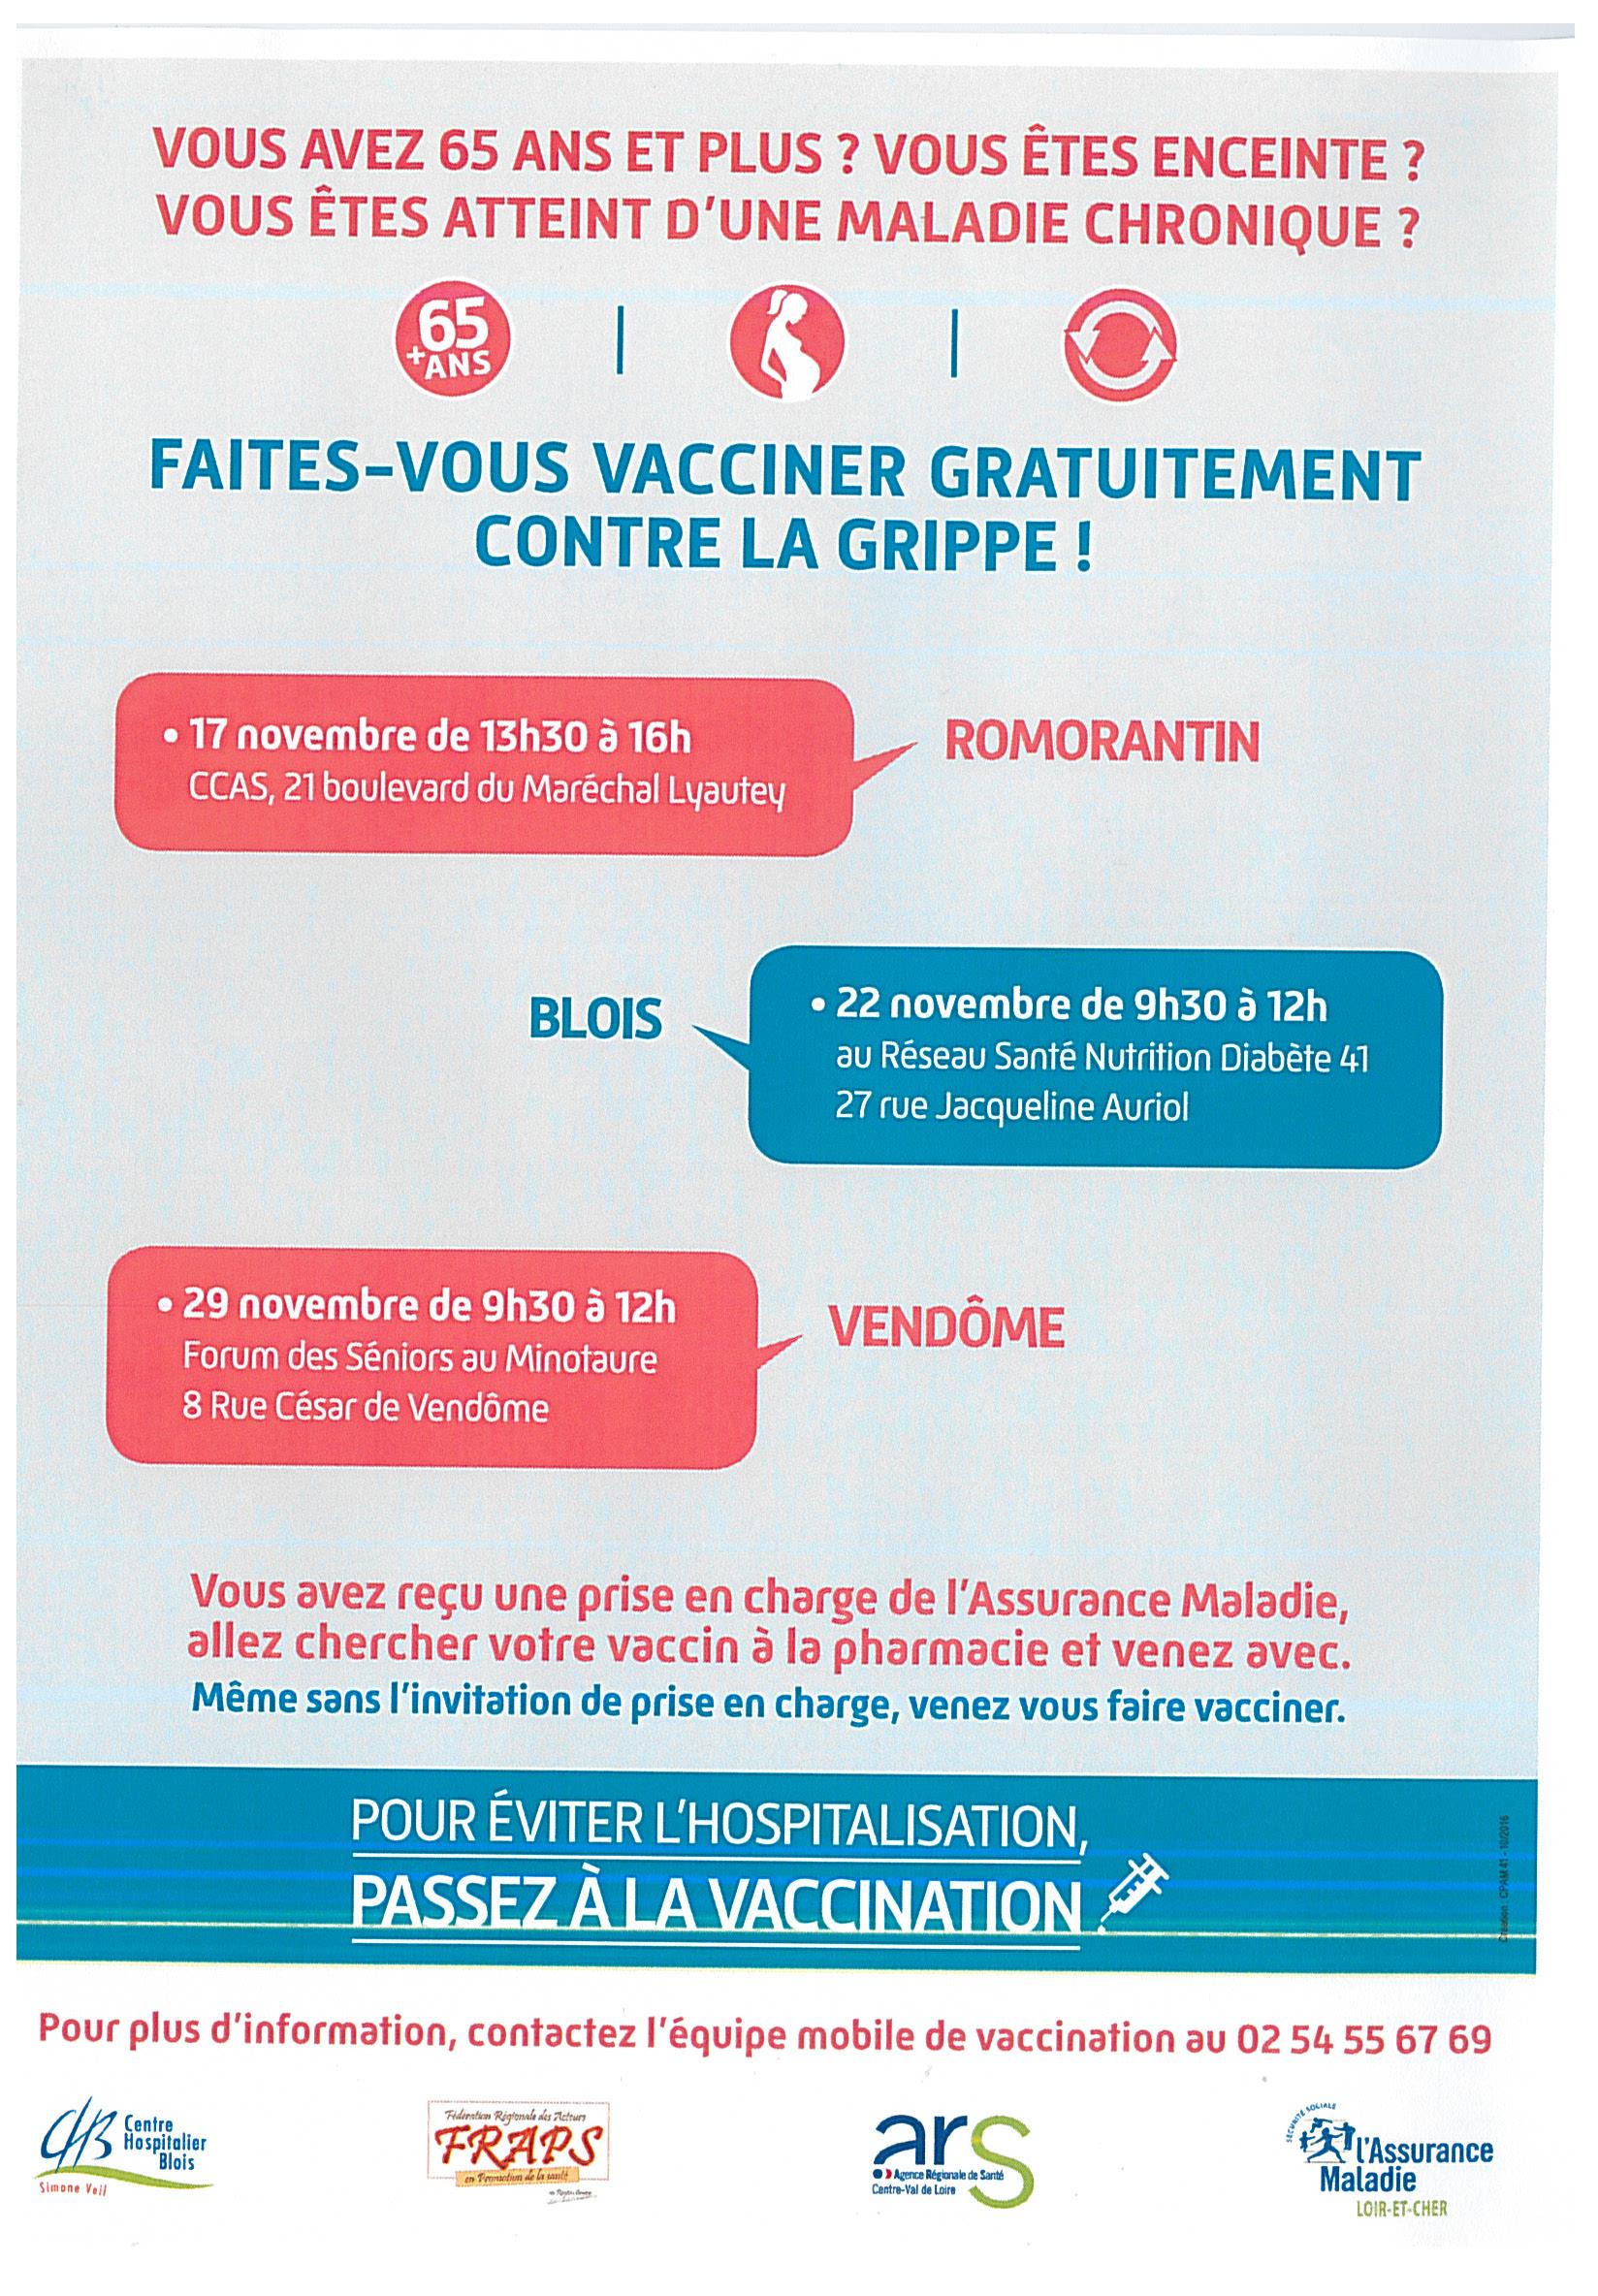 promouvoir la vaccination fraps centre val de loire. Black Bedroom Furniture Sets. Home Design Ideas